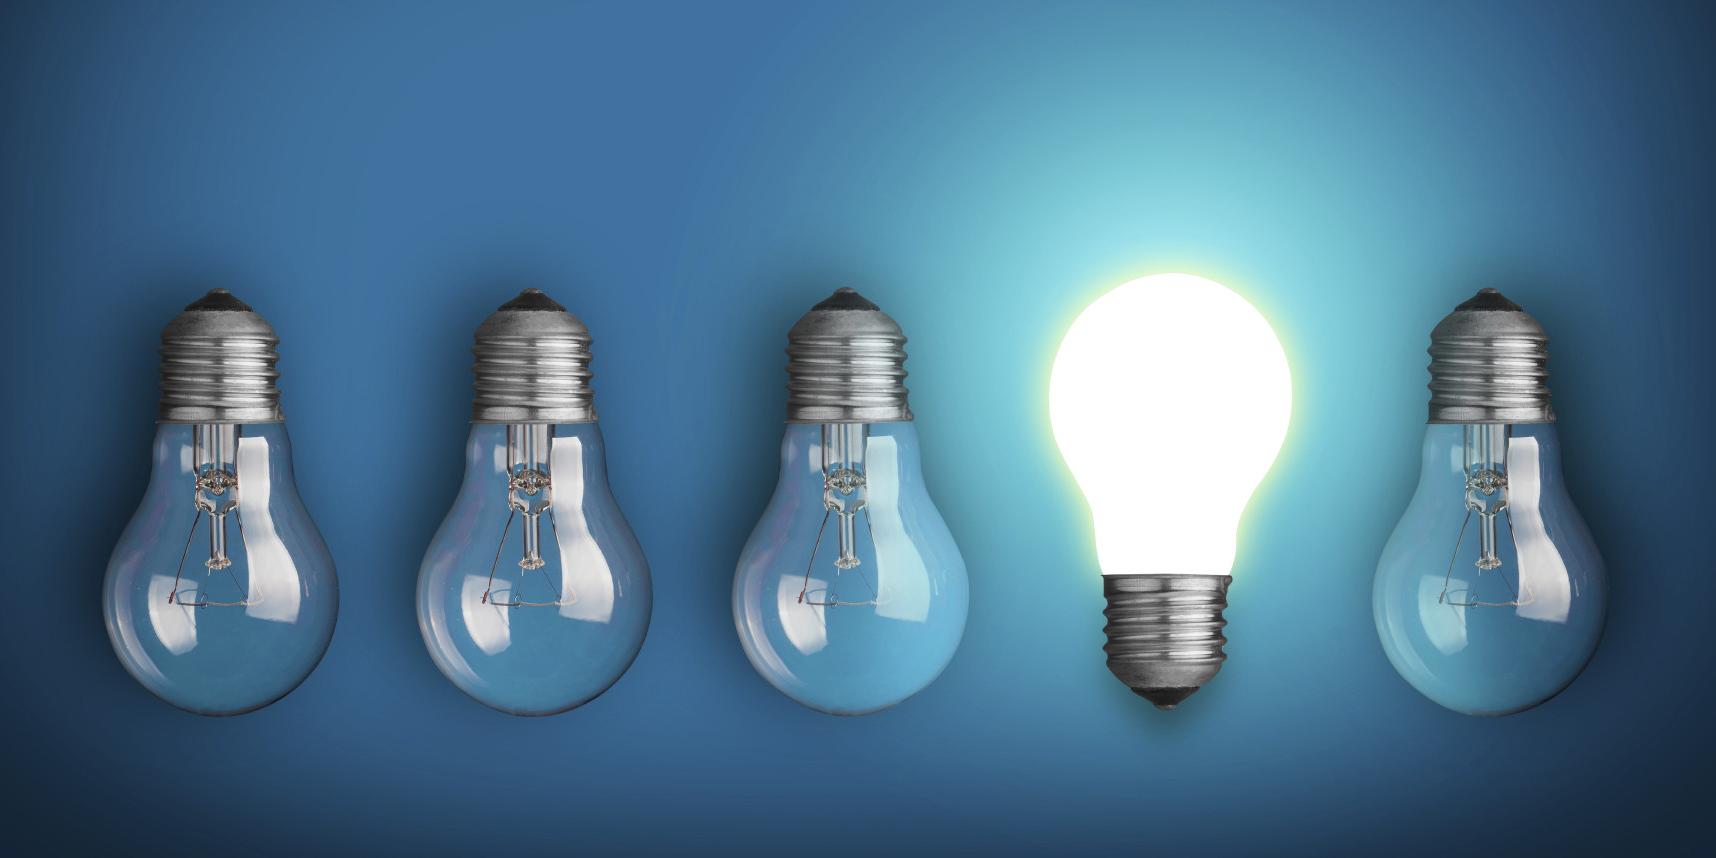 چگونه میتوانیم یک ایده خوب را به محصولی پولساز و واقعی تبدیل کنیم؟